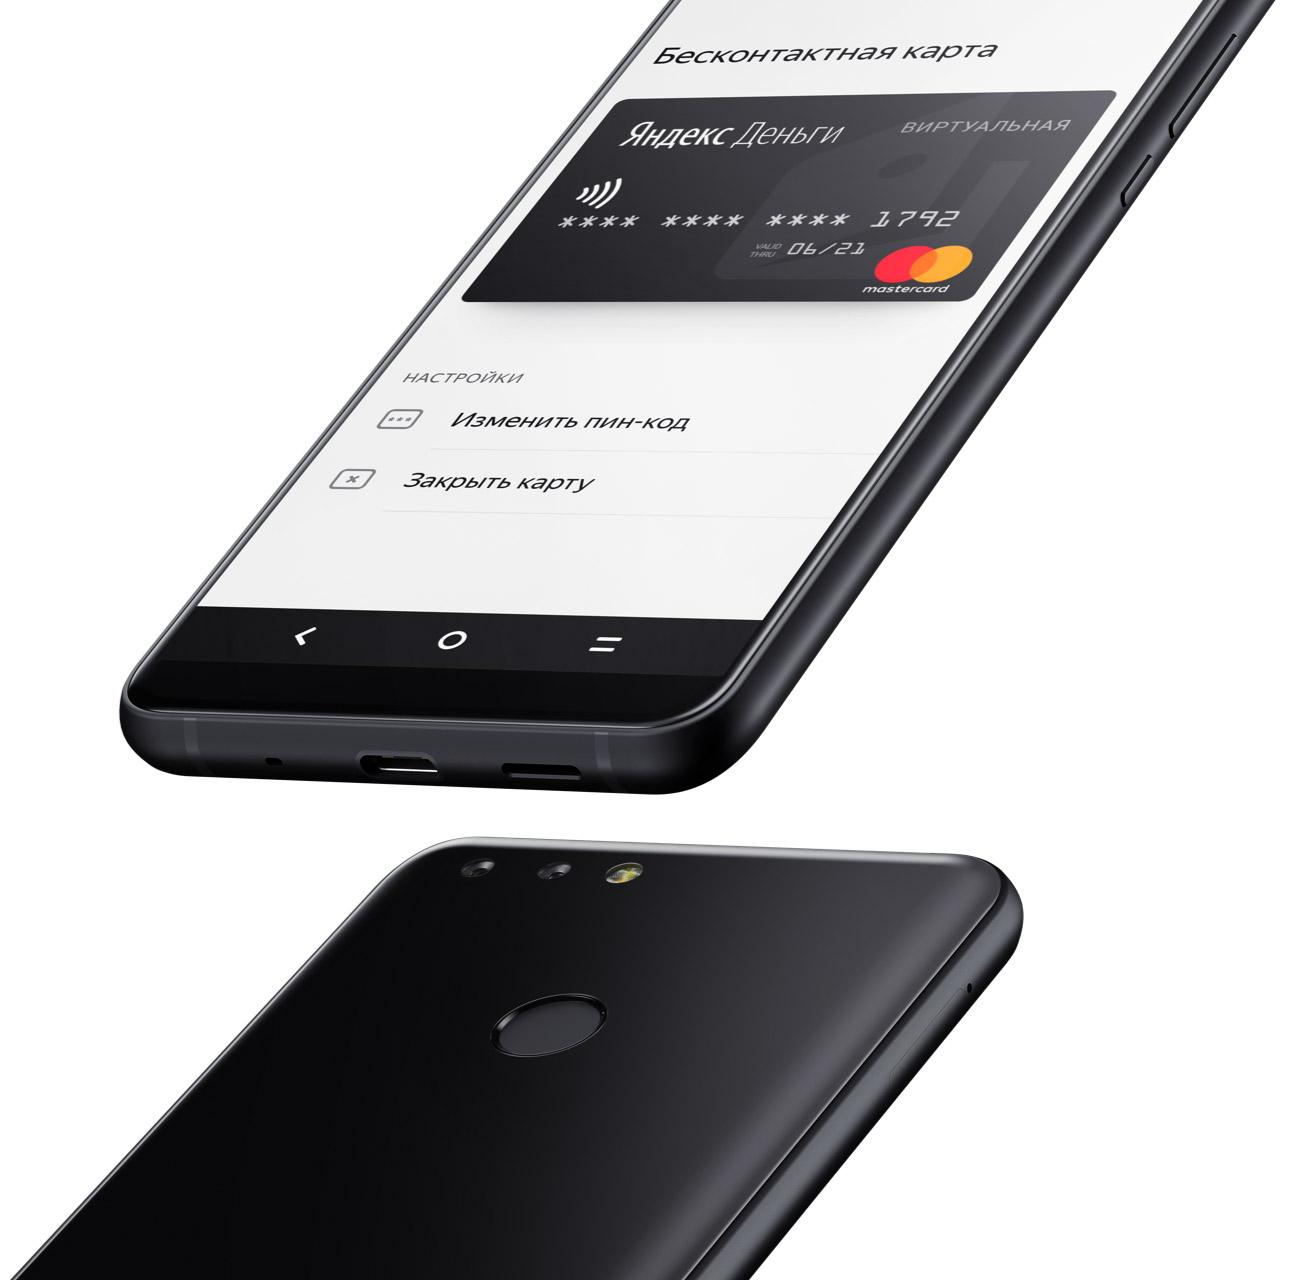 Бесконтактная оплата и сканер отпечатков пальцев Яндекс.Телефона, иллюстрация с сайта phone.yandex.ru